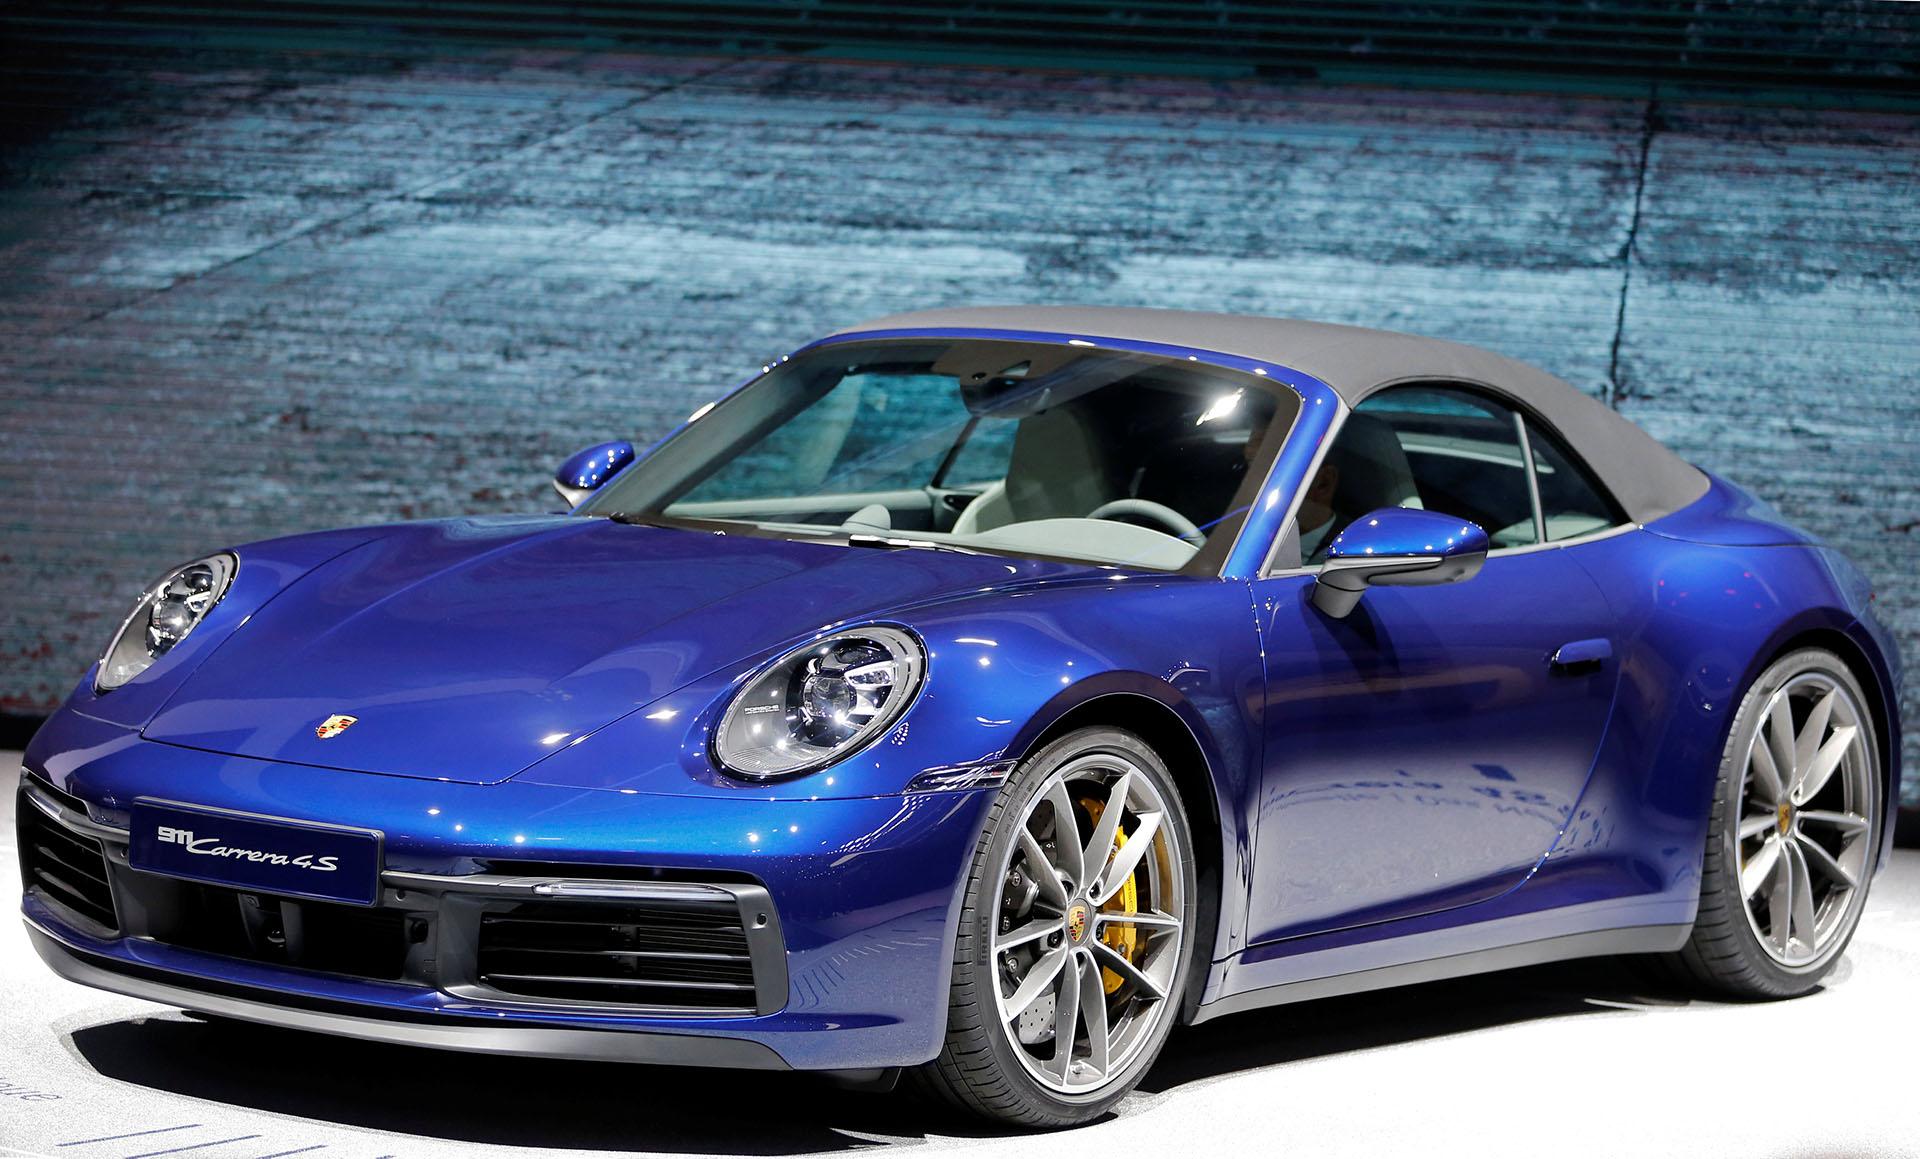 El Porsche 911 Cabriolet está equipado con un motor biturbo de 450 caballos que permite alcanzar una velocidad máxima superior a los 300 km/h así como acelerar de 0 a 100 km/h en menos de 4 segundos